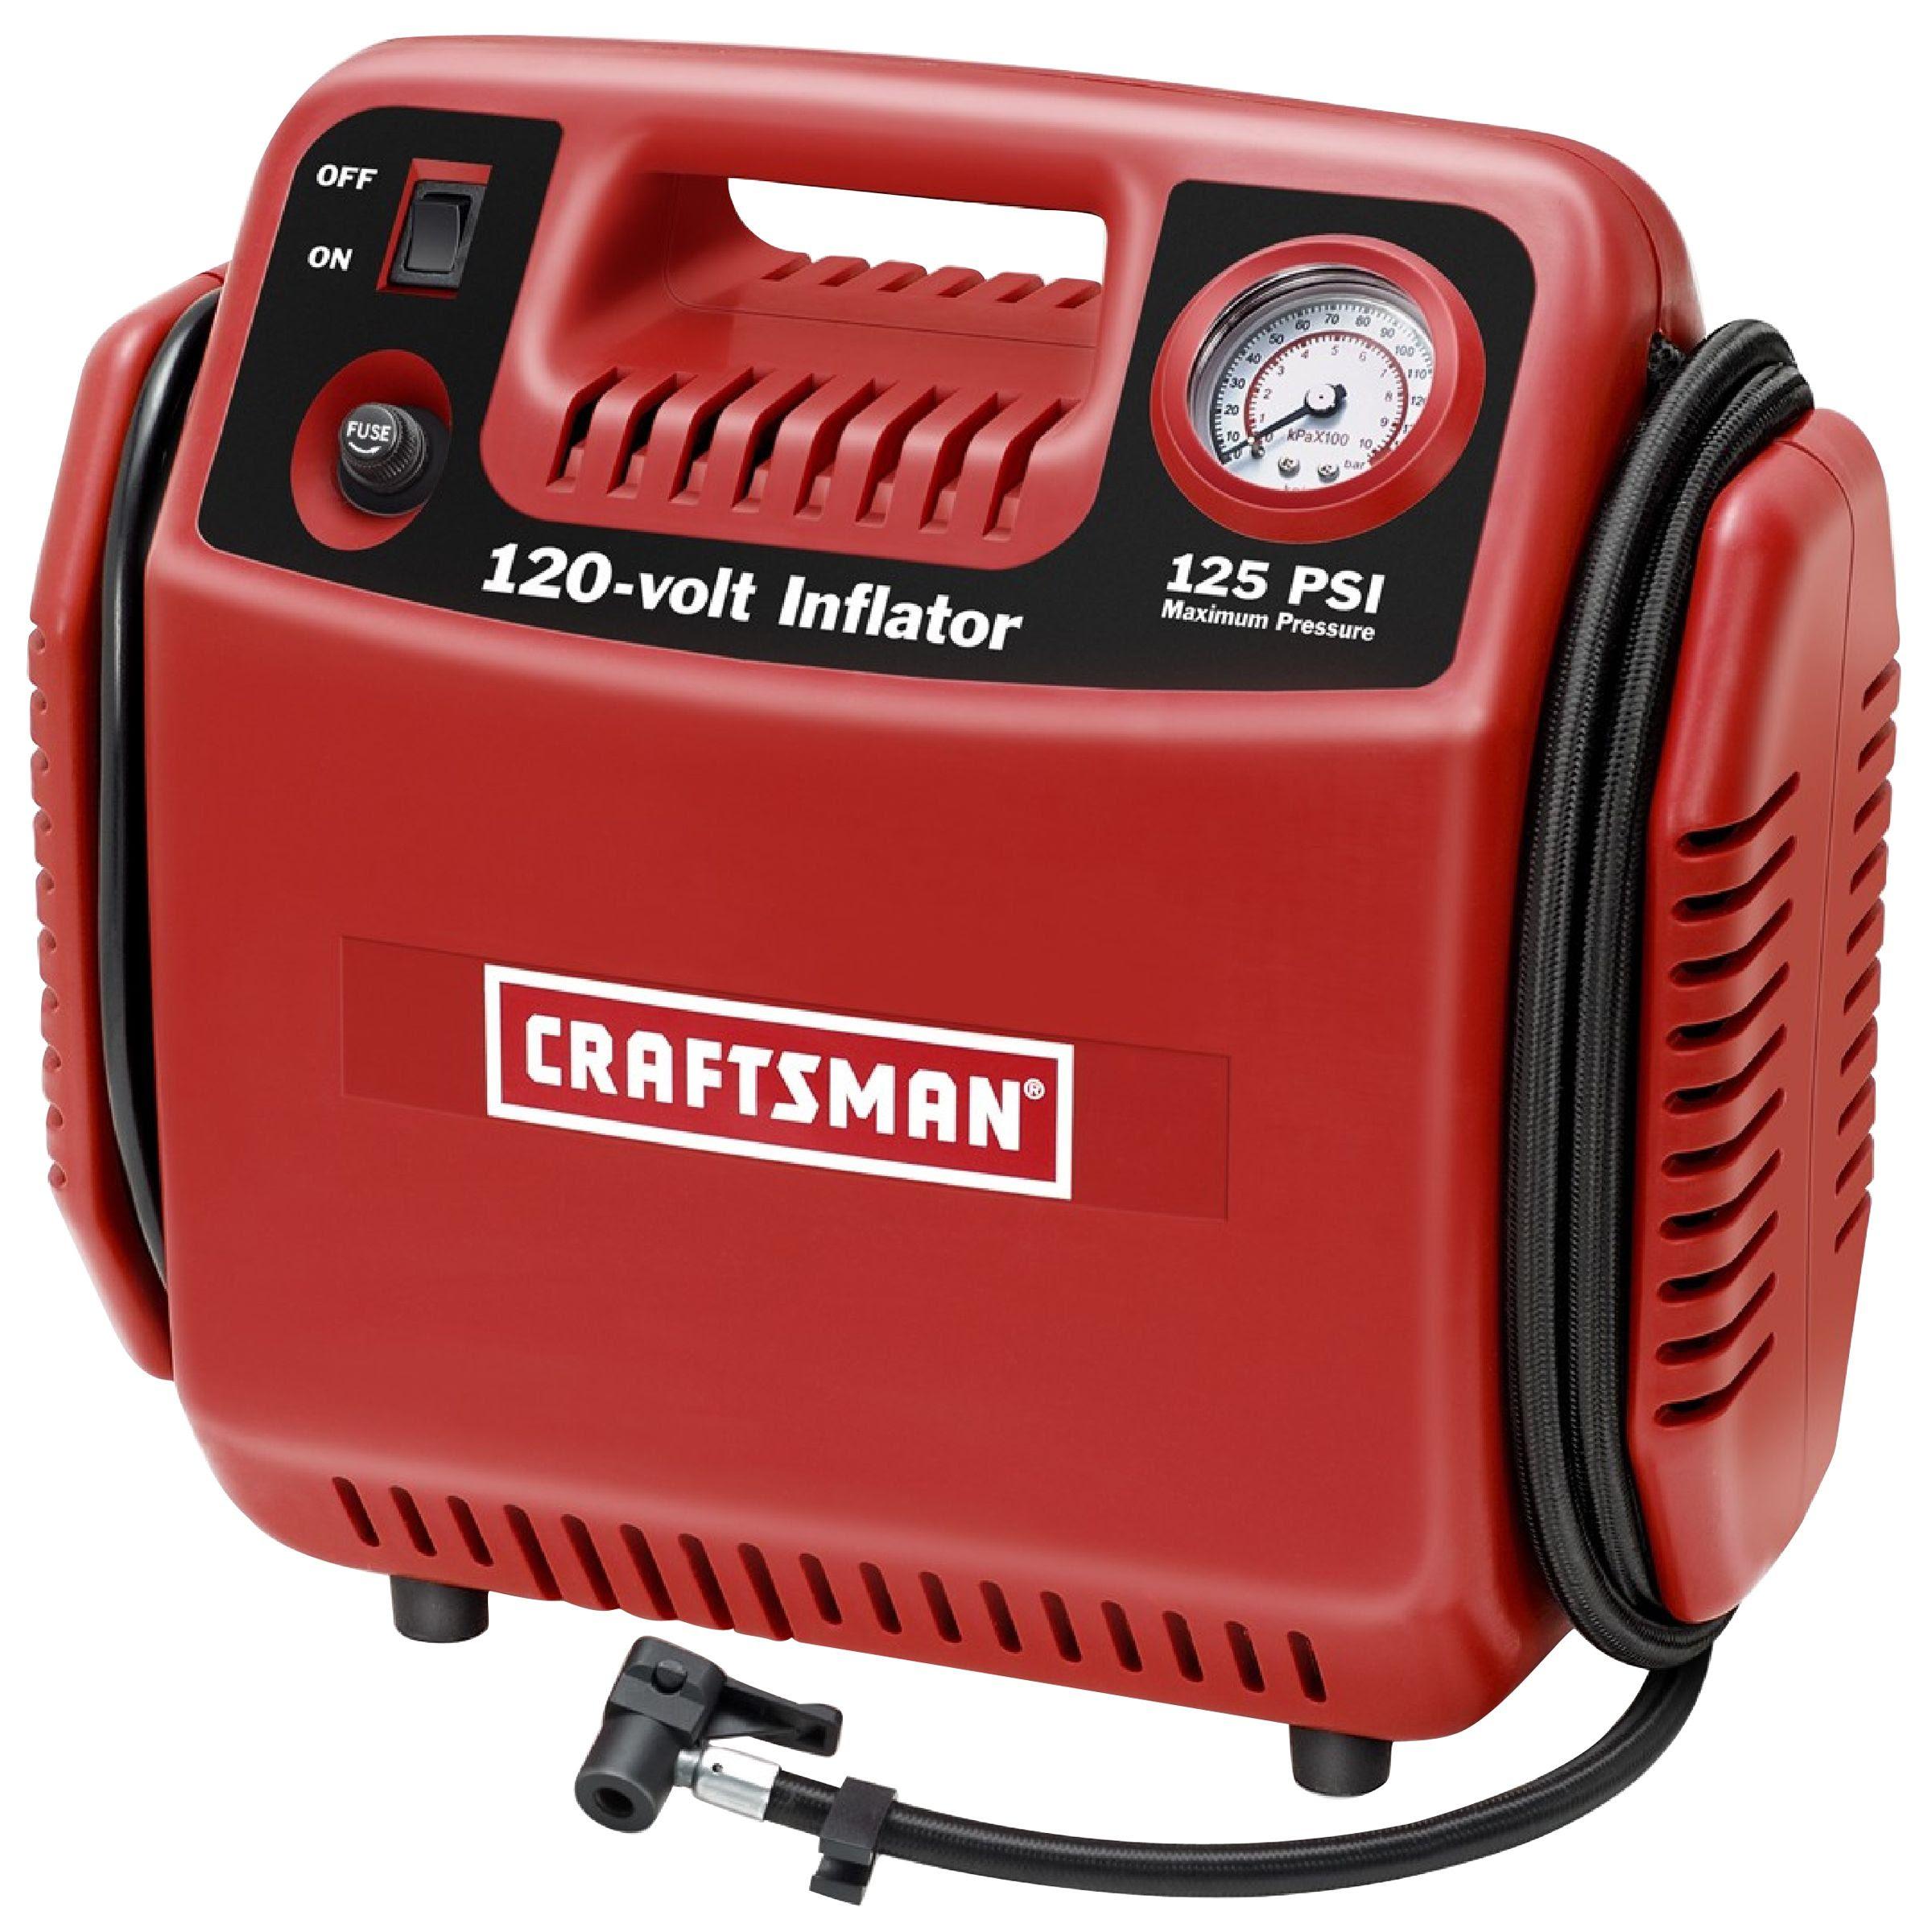 Craftsman 120v Portable Inflator